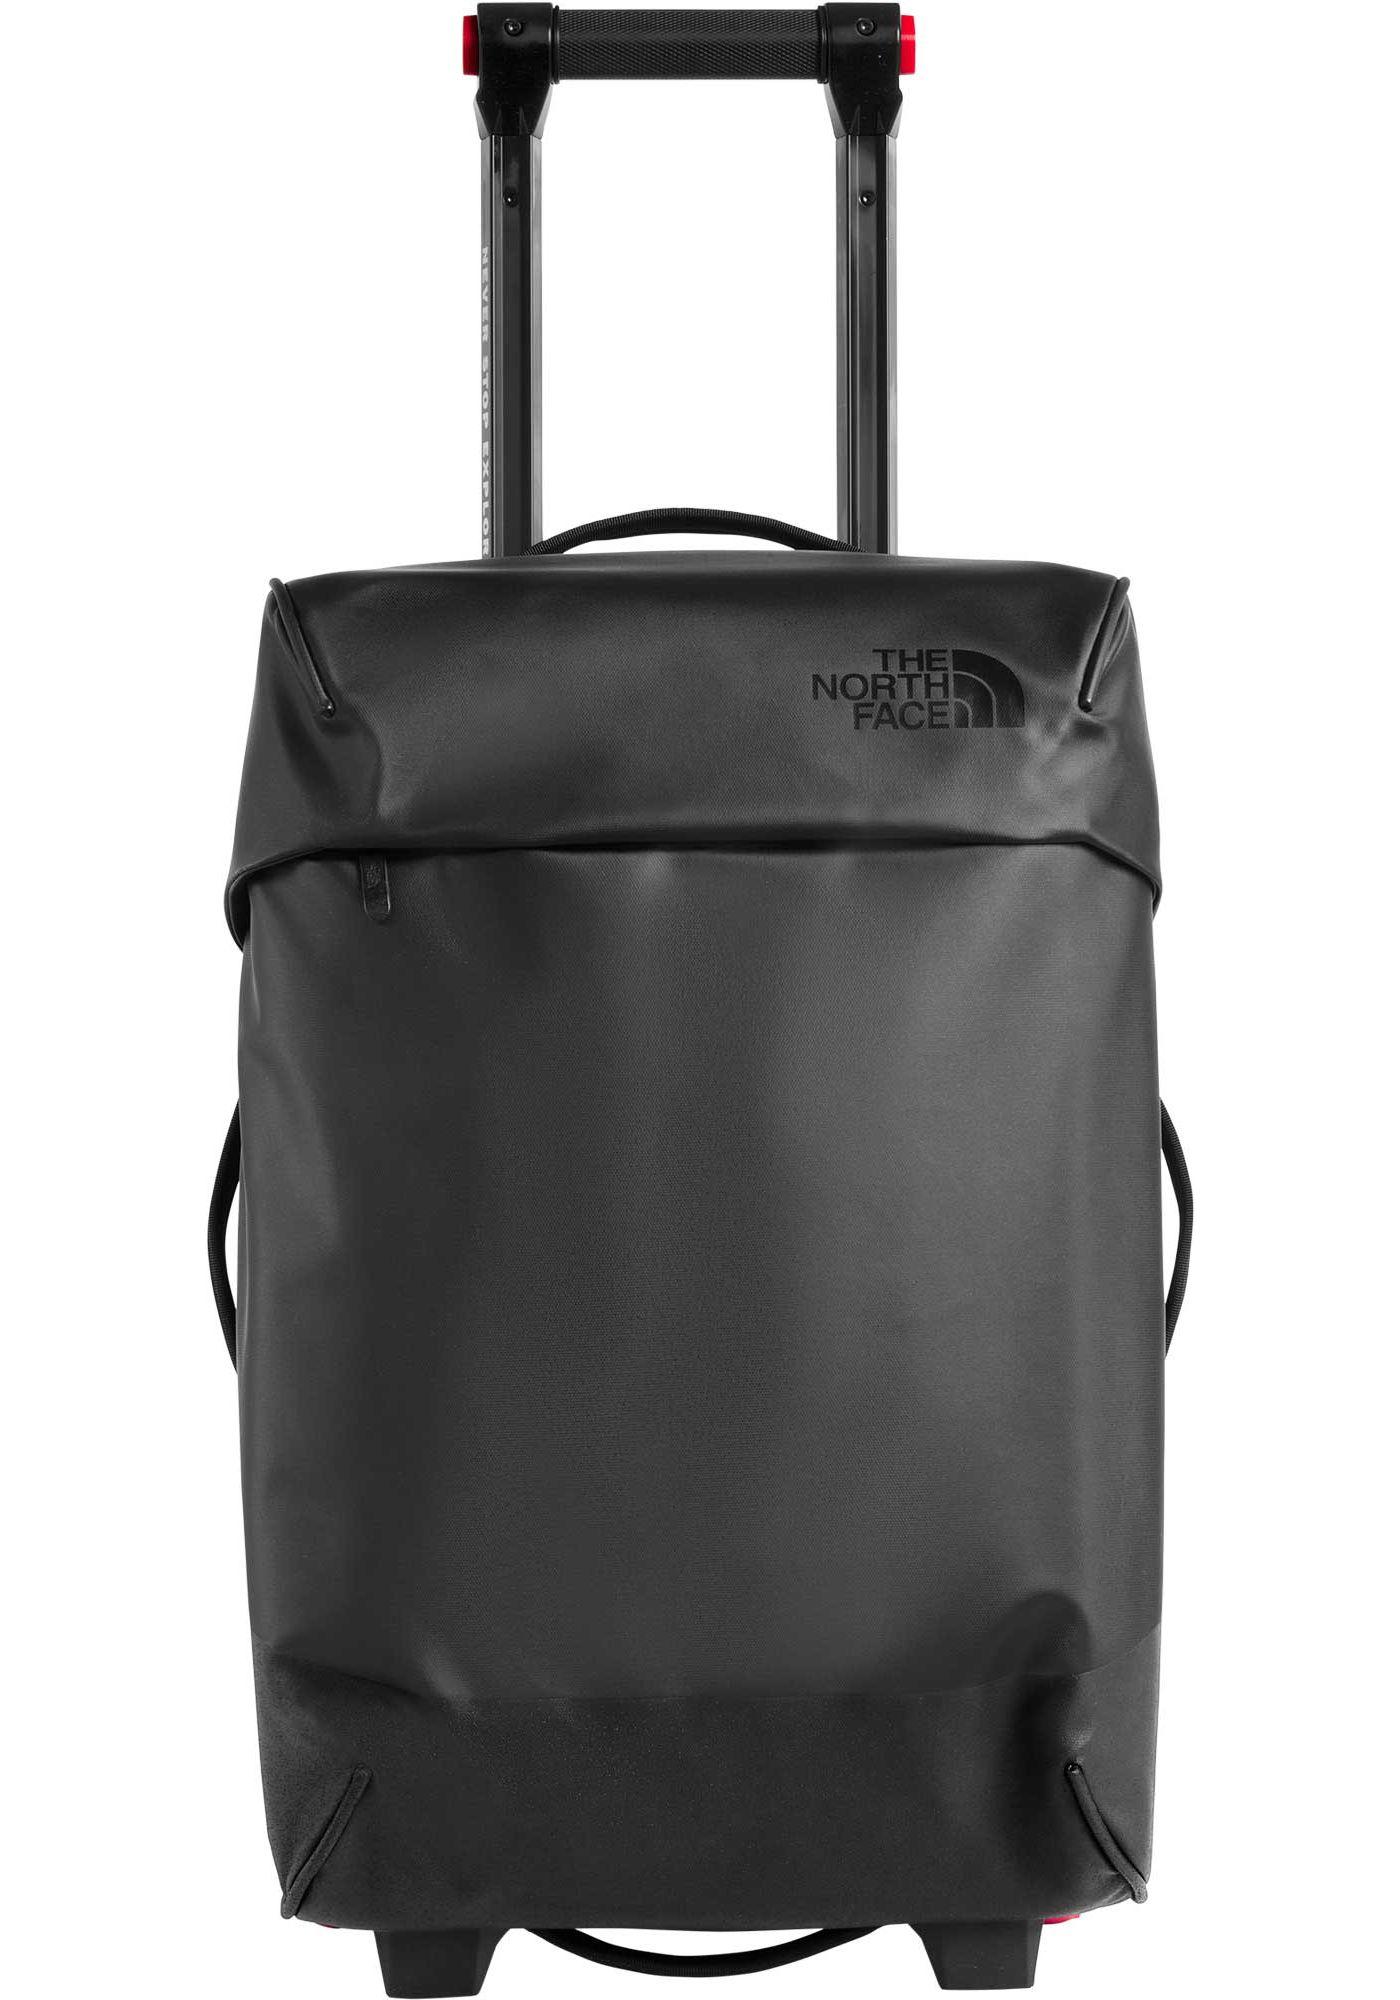 The North Face Stratoliner Medium Suitcase - Prior Season